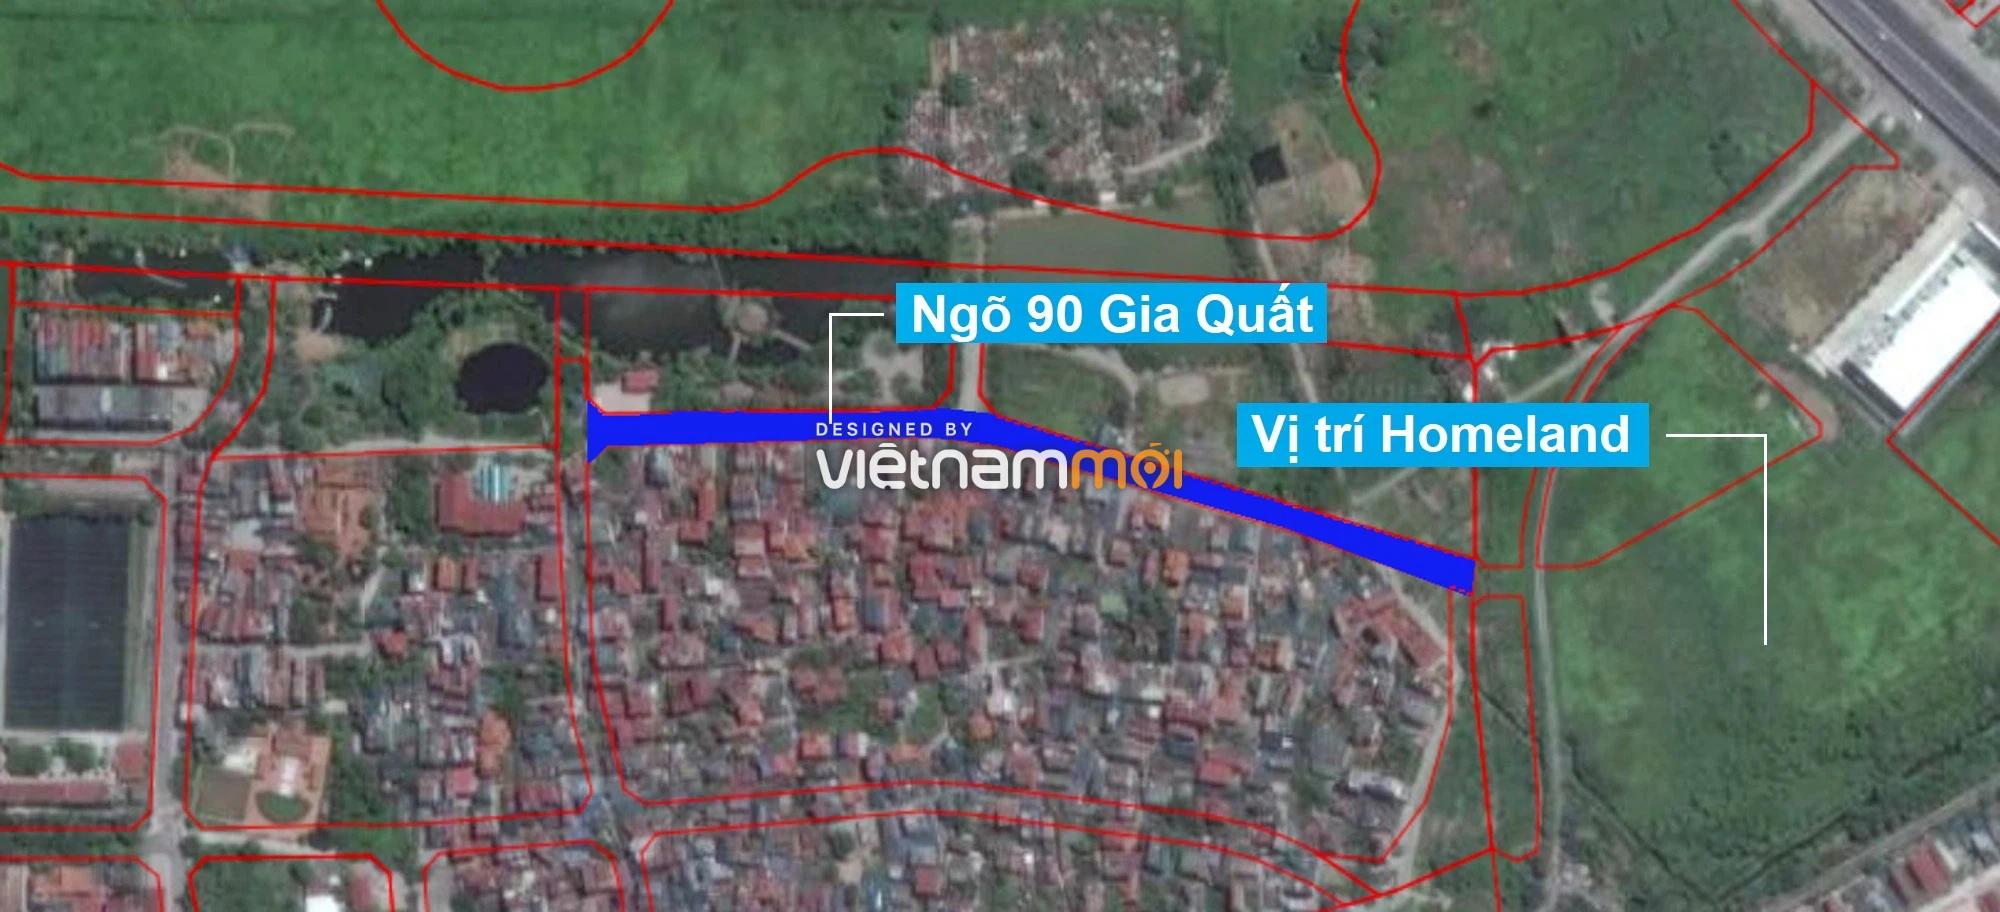 Những khu đất sắp thu hồi để mở đường ở phường Thượng Thanh, Long Biên, Hà Nội (phần 1) - Ảnh 2.